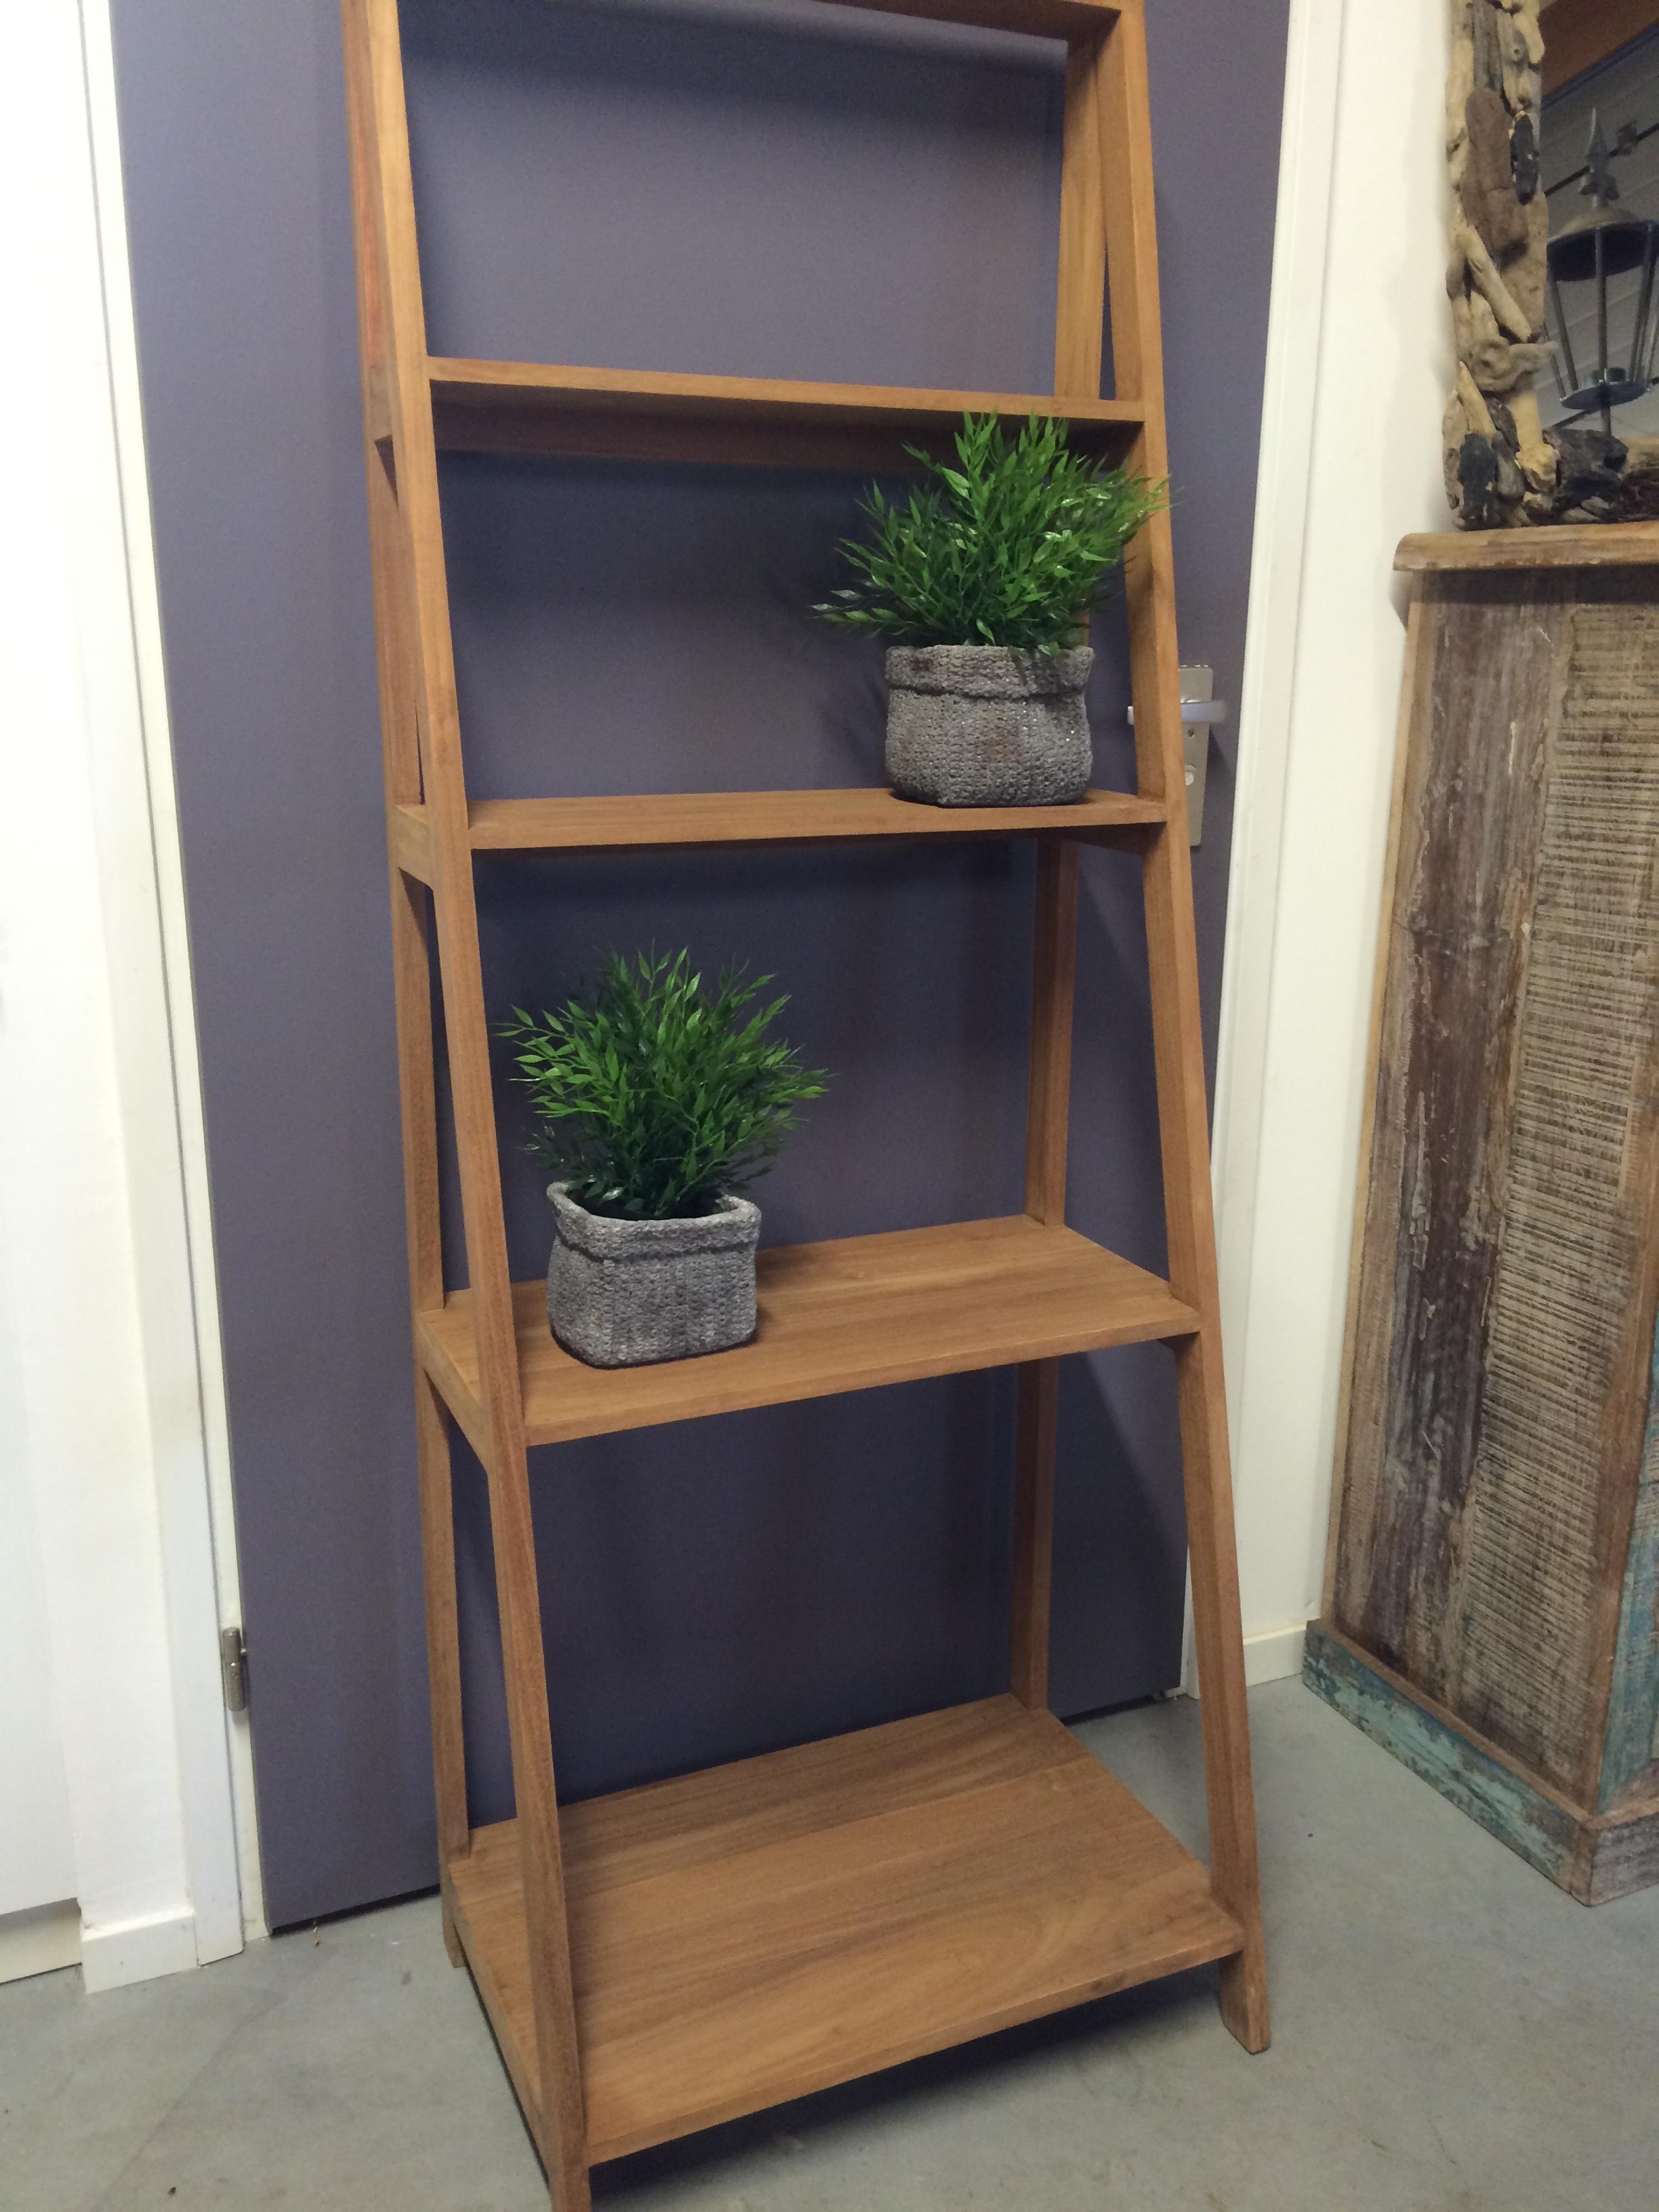 Meer dan 1000 afbeeldingen over polder teak woonaccessoires hout op pinterest teakhout - Home decoratie interieur trap ...